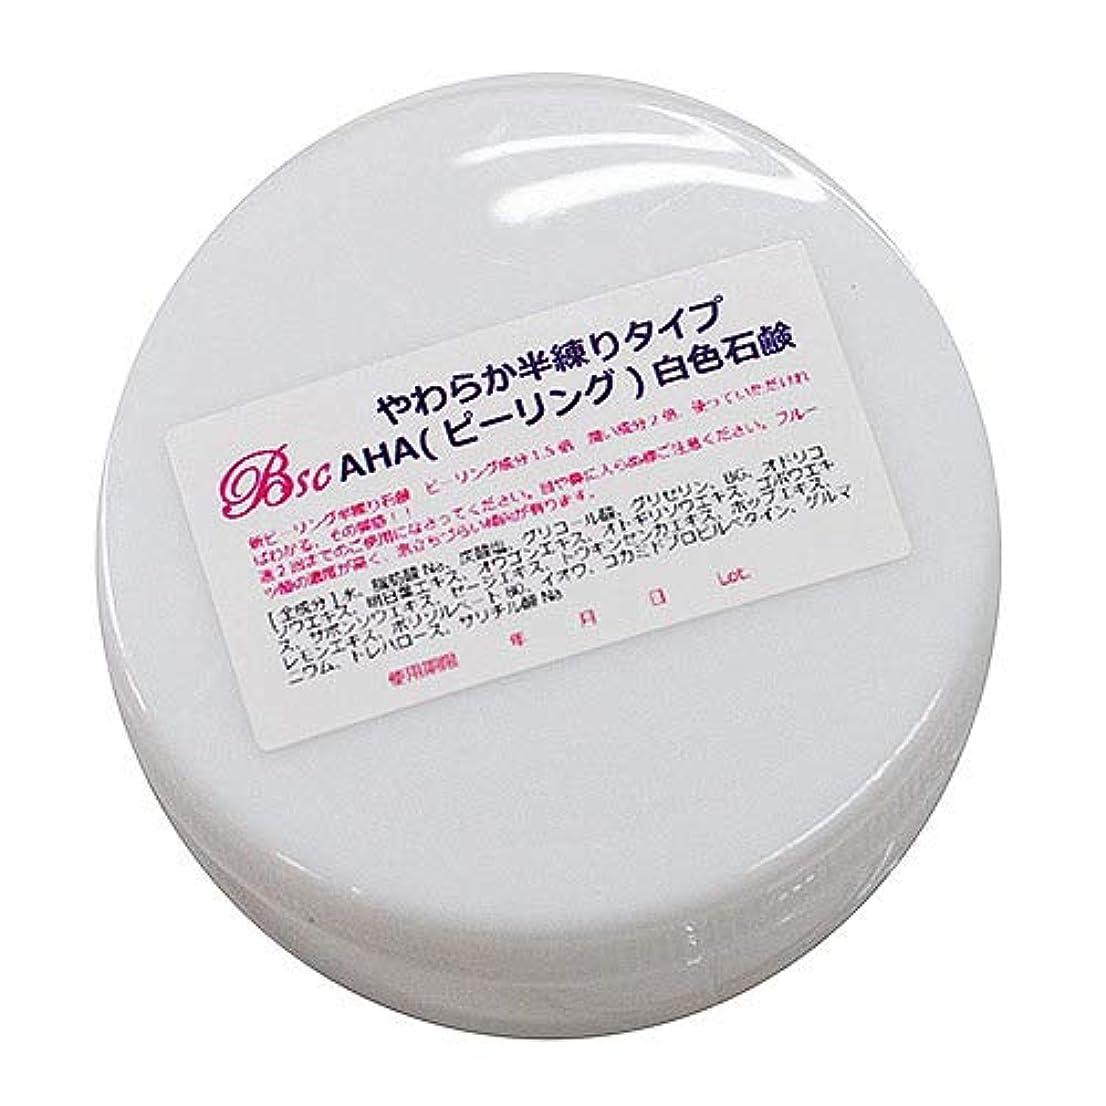 エネルギー口述しわやわらかい半練りタイプAHA(ピーリング)石鹸?100g